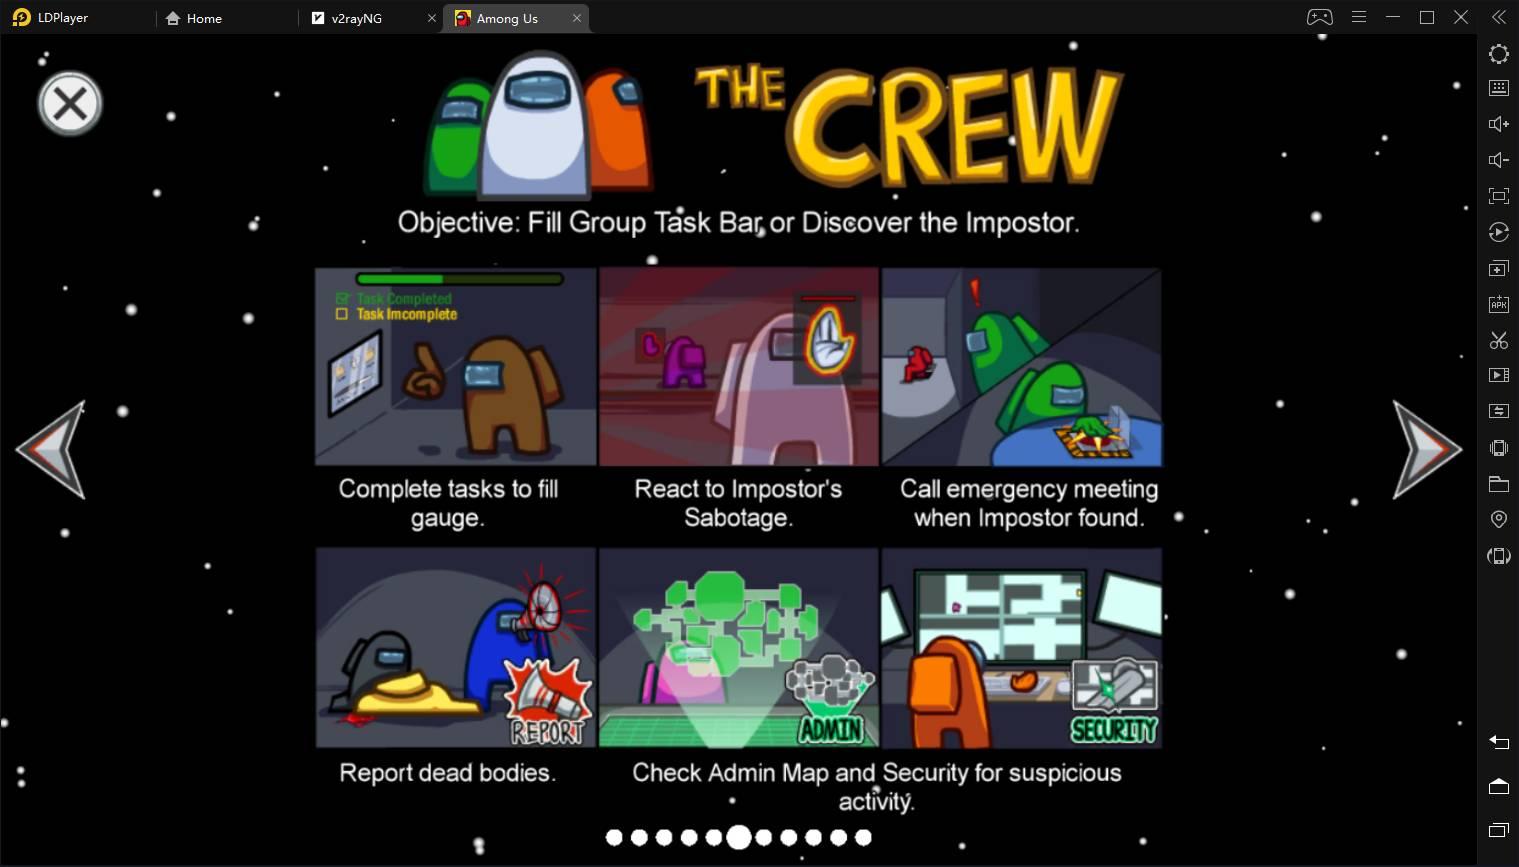 Tâches des crews